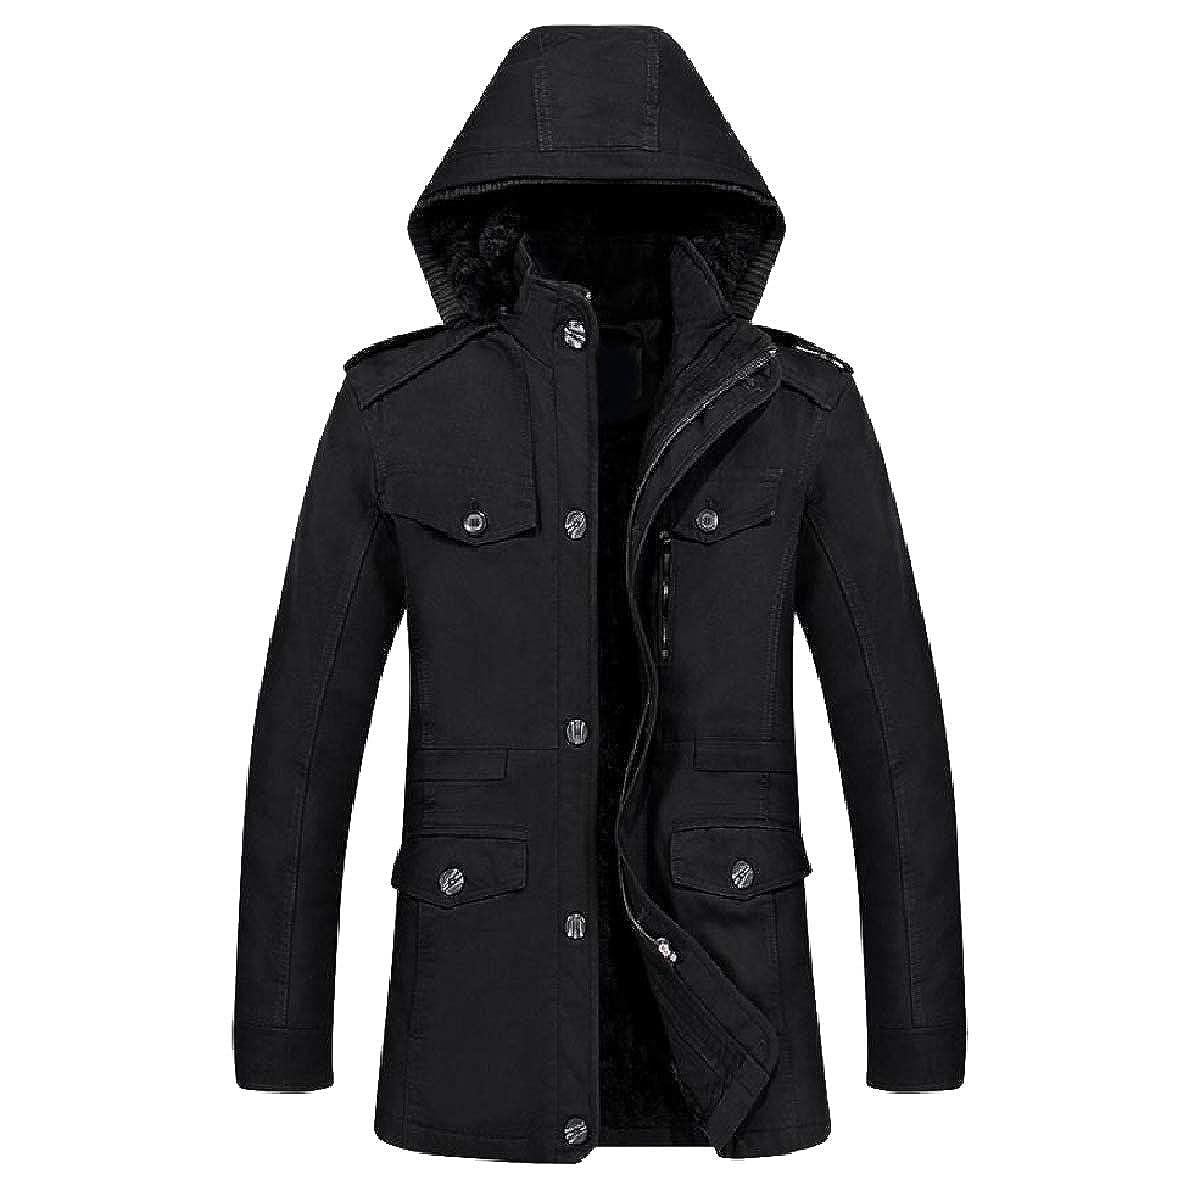 YUNY Mens Warm Cotton Winter Hooded Oversized Parka Coats Jackets Black 4XL